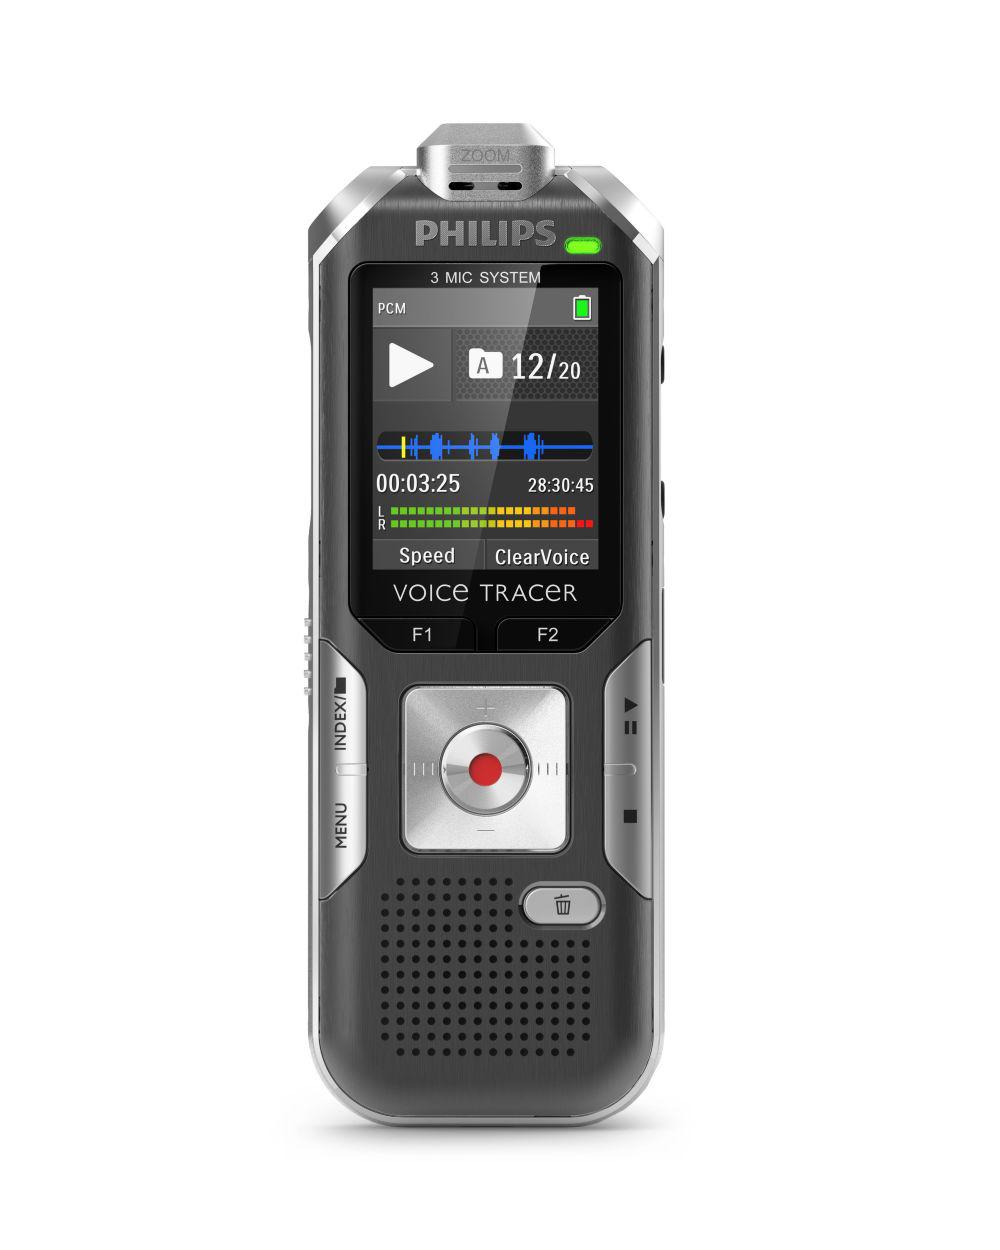 Philips digitální záznamník DVT6010 - 8GB, USB, microSDHC až 32GB, FM, barevný displej, li-pol baterie